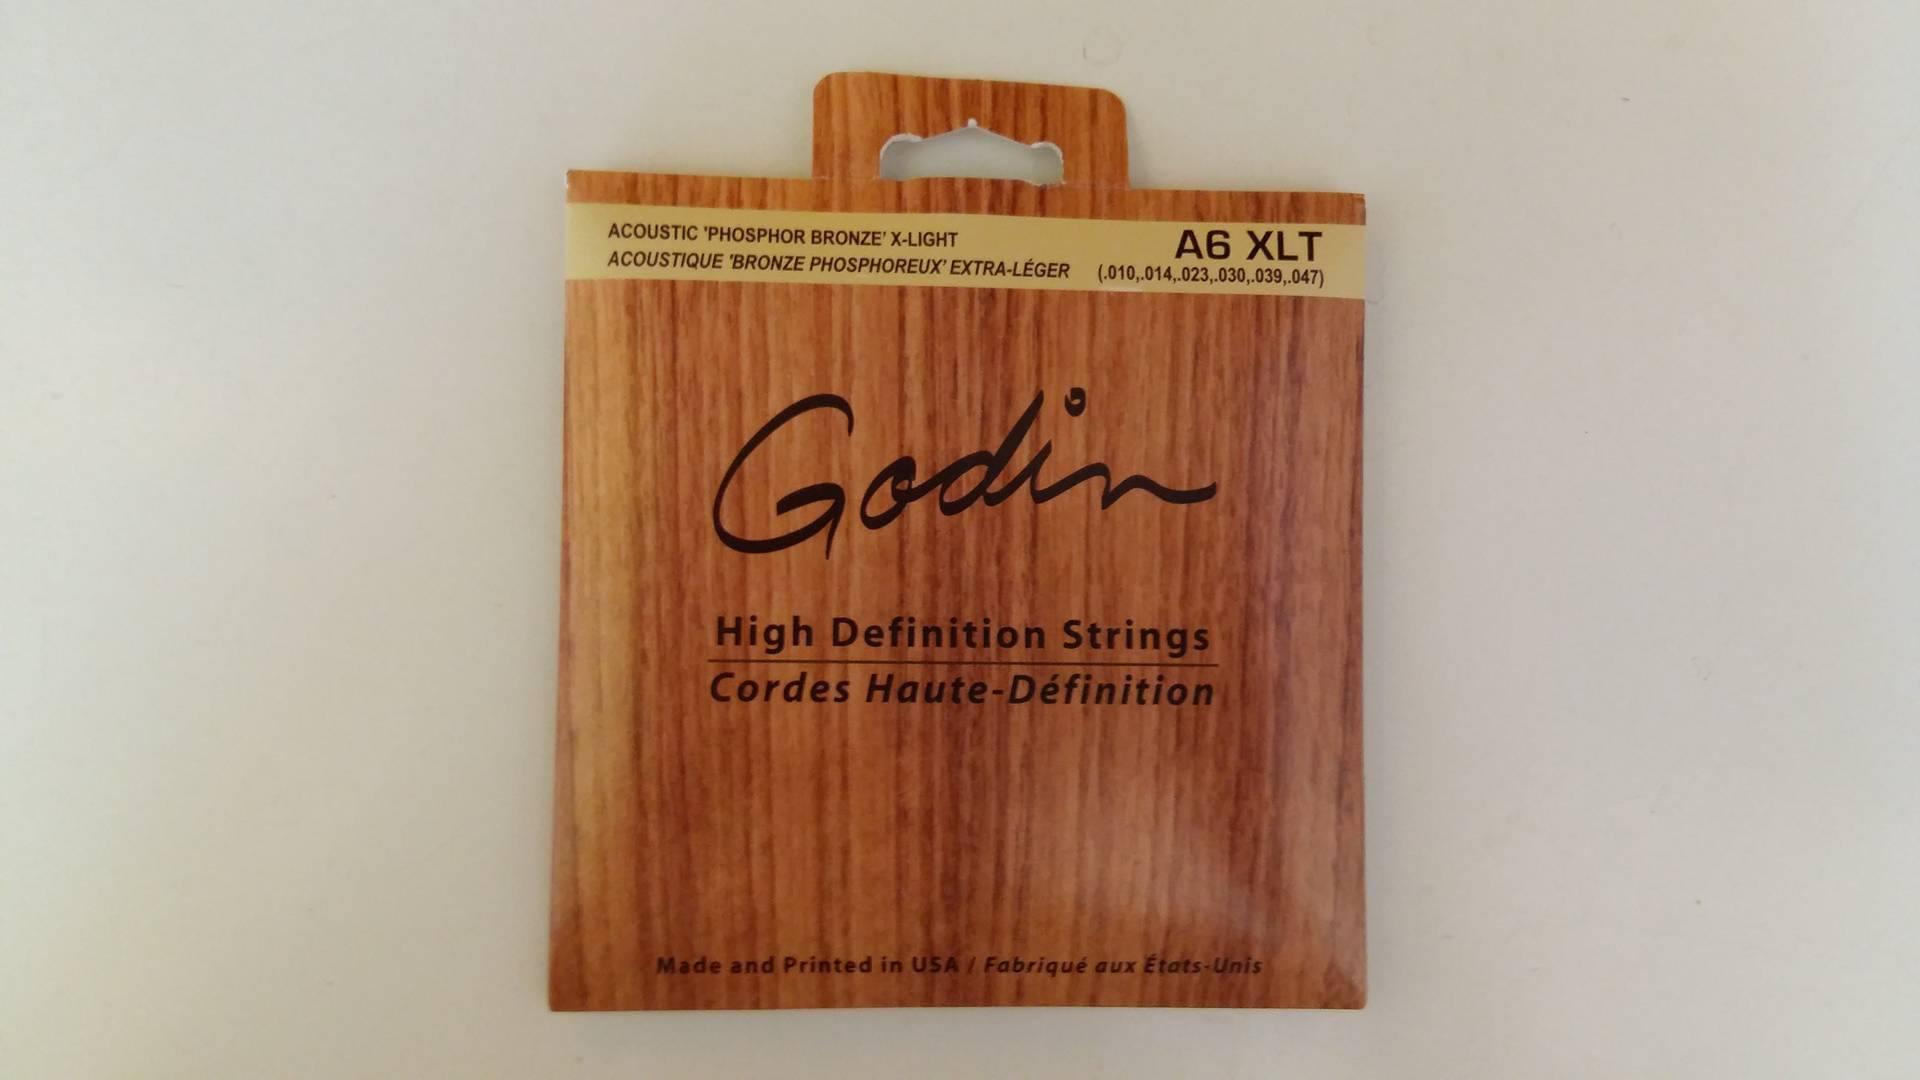 สายกีตาร์ Godin No.10